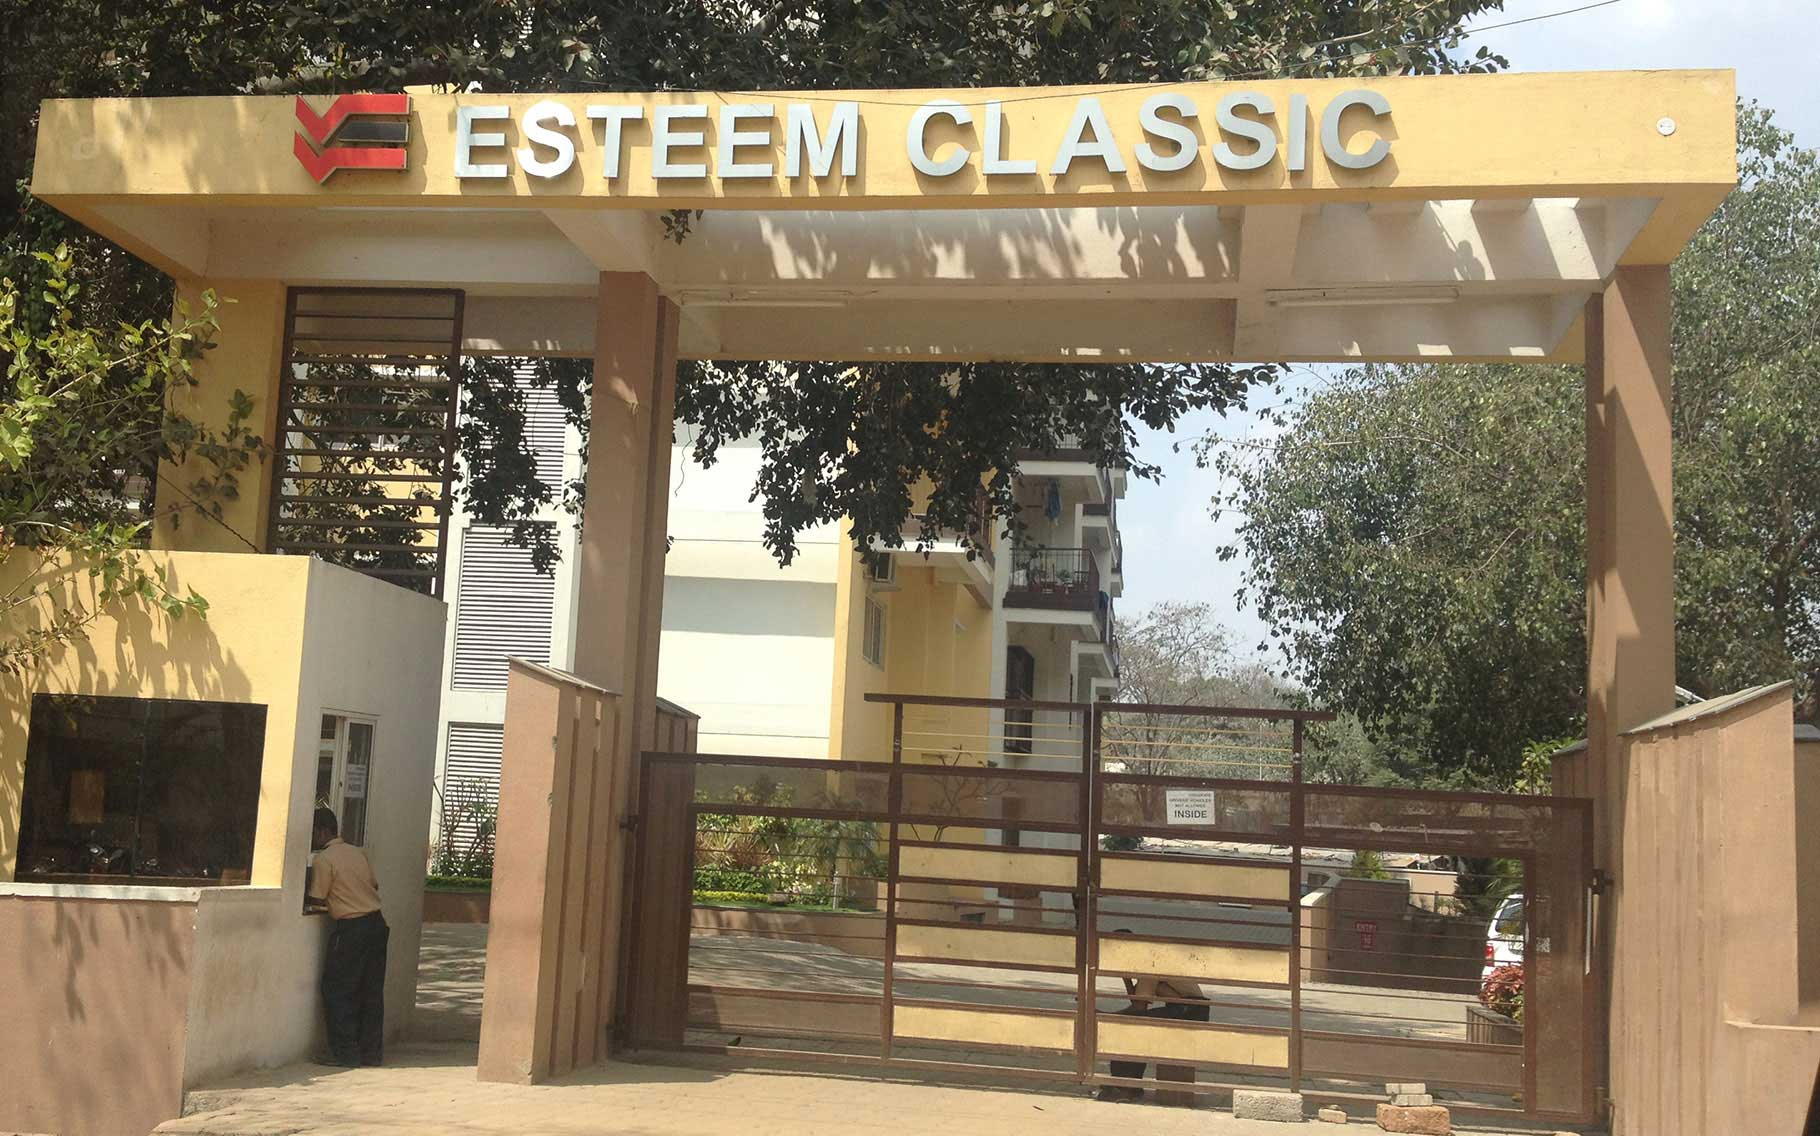 Esteem Classic